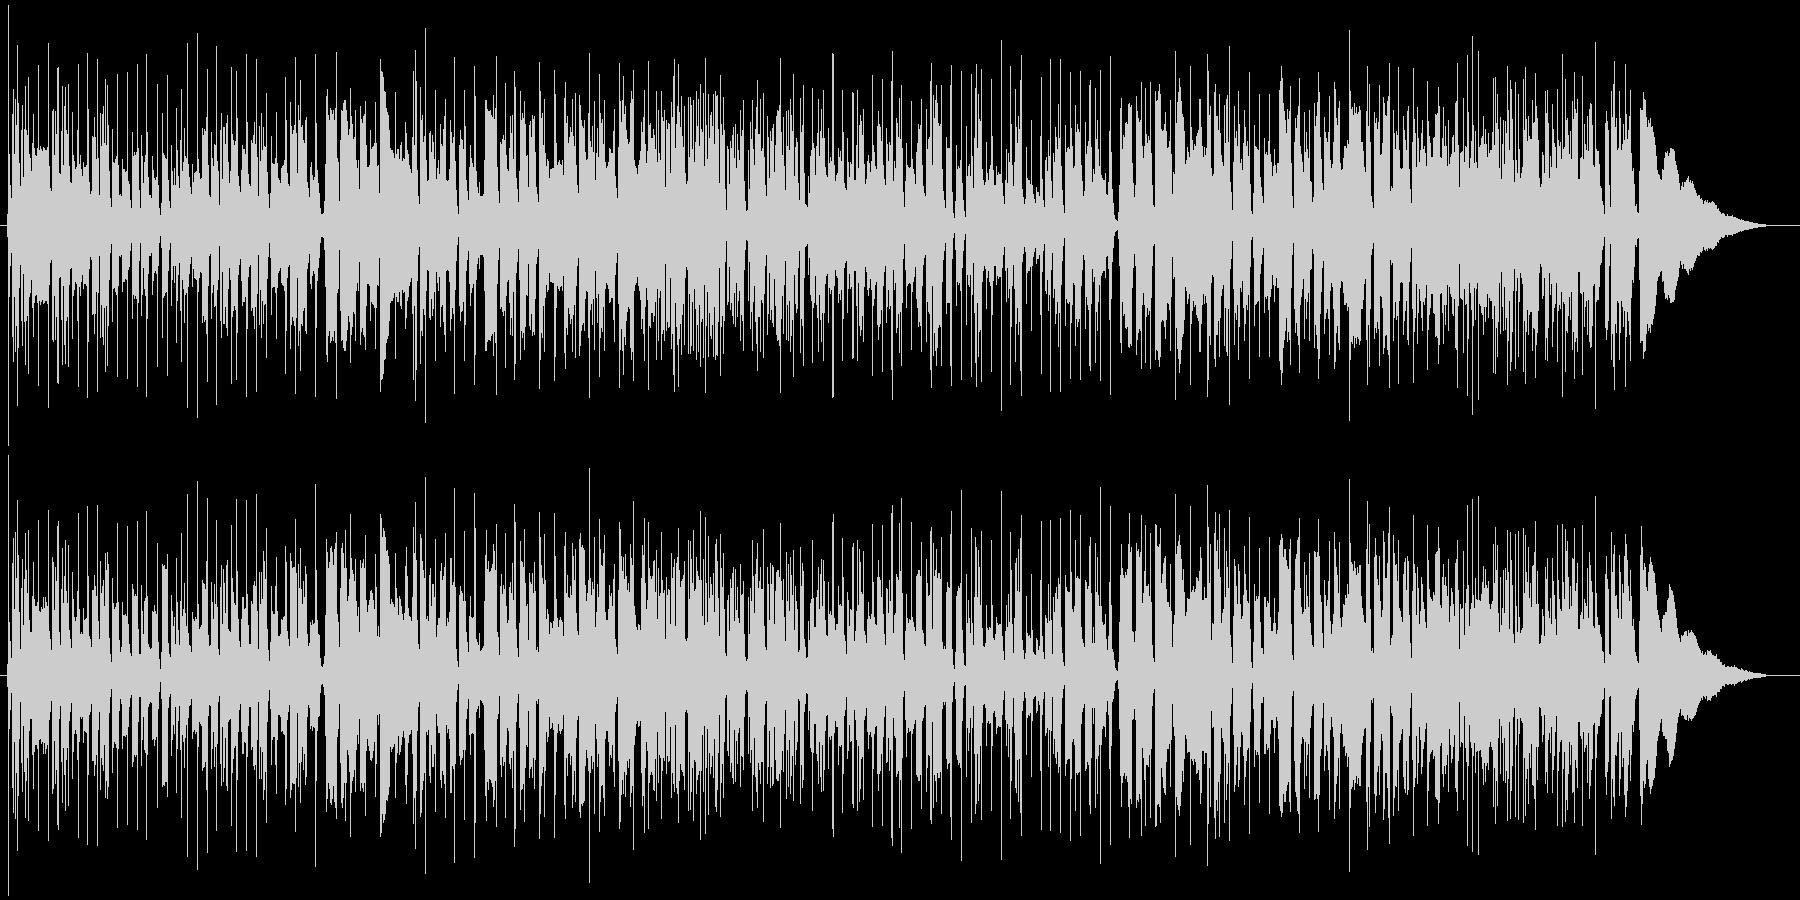 スラム奏法アコギソロギターの未再生の波形